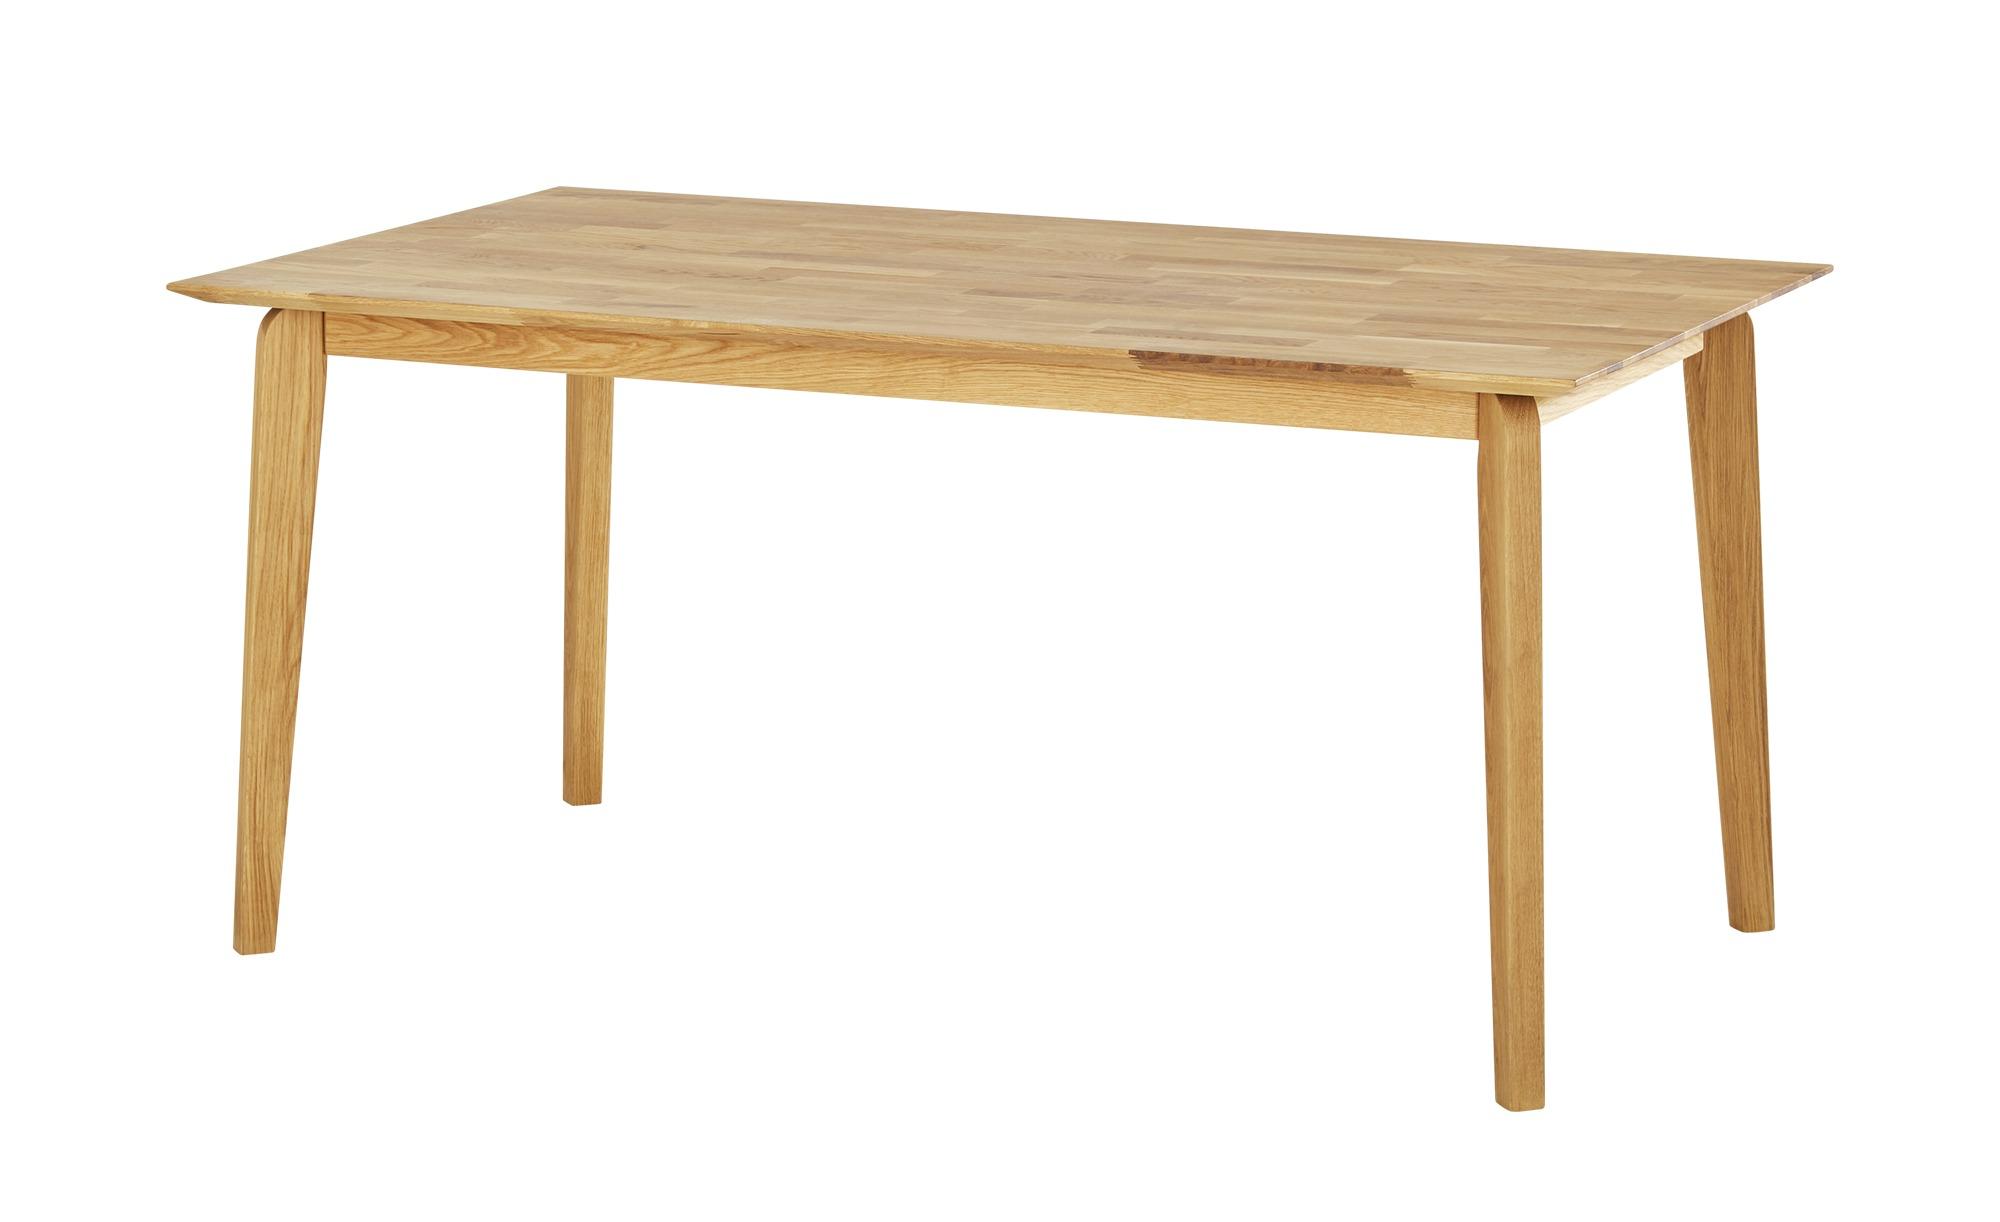 Woodford Esstisch  Alex ¦ holzfarben ¦ Maße (cm): B: 90 H: 75 Tische > Esstische > Esstische massiv - Höffner